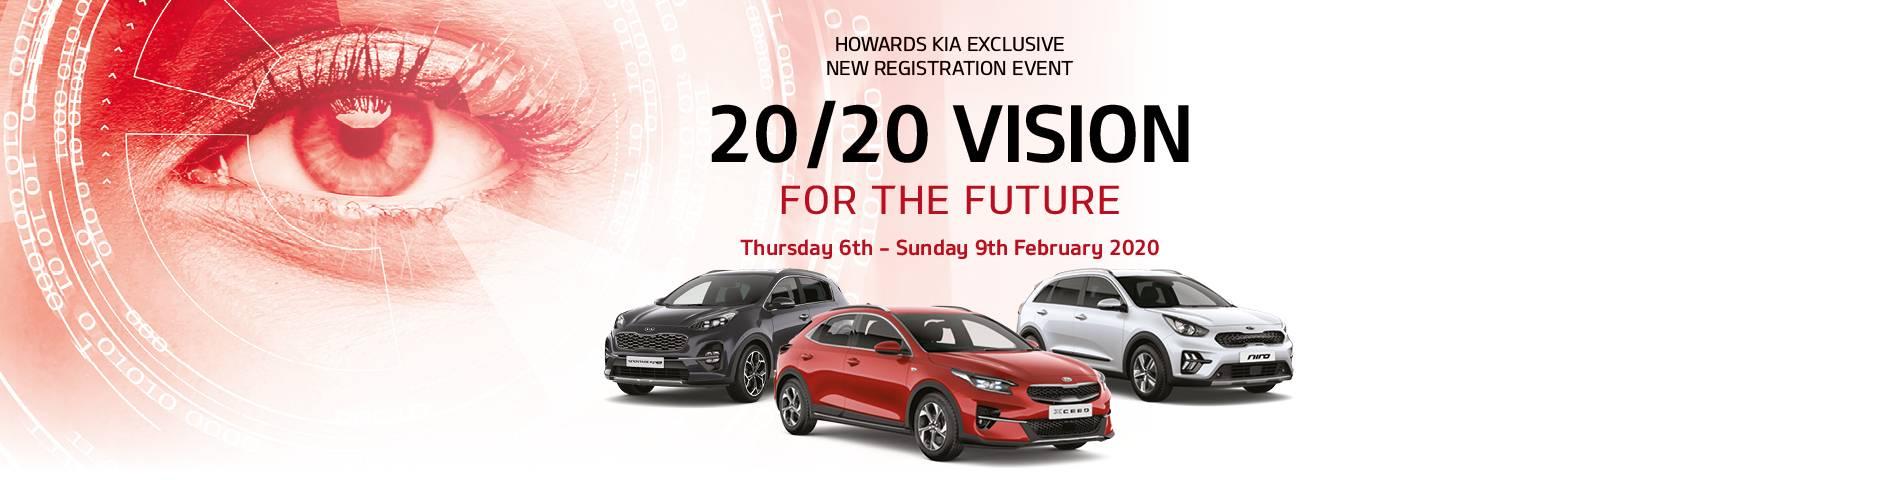 Kia 2020 Vision